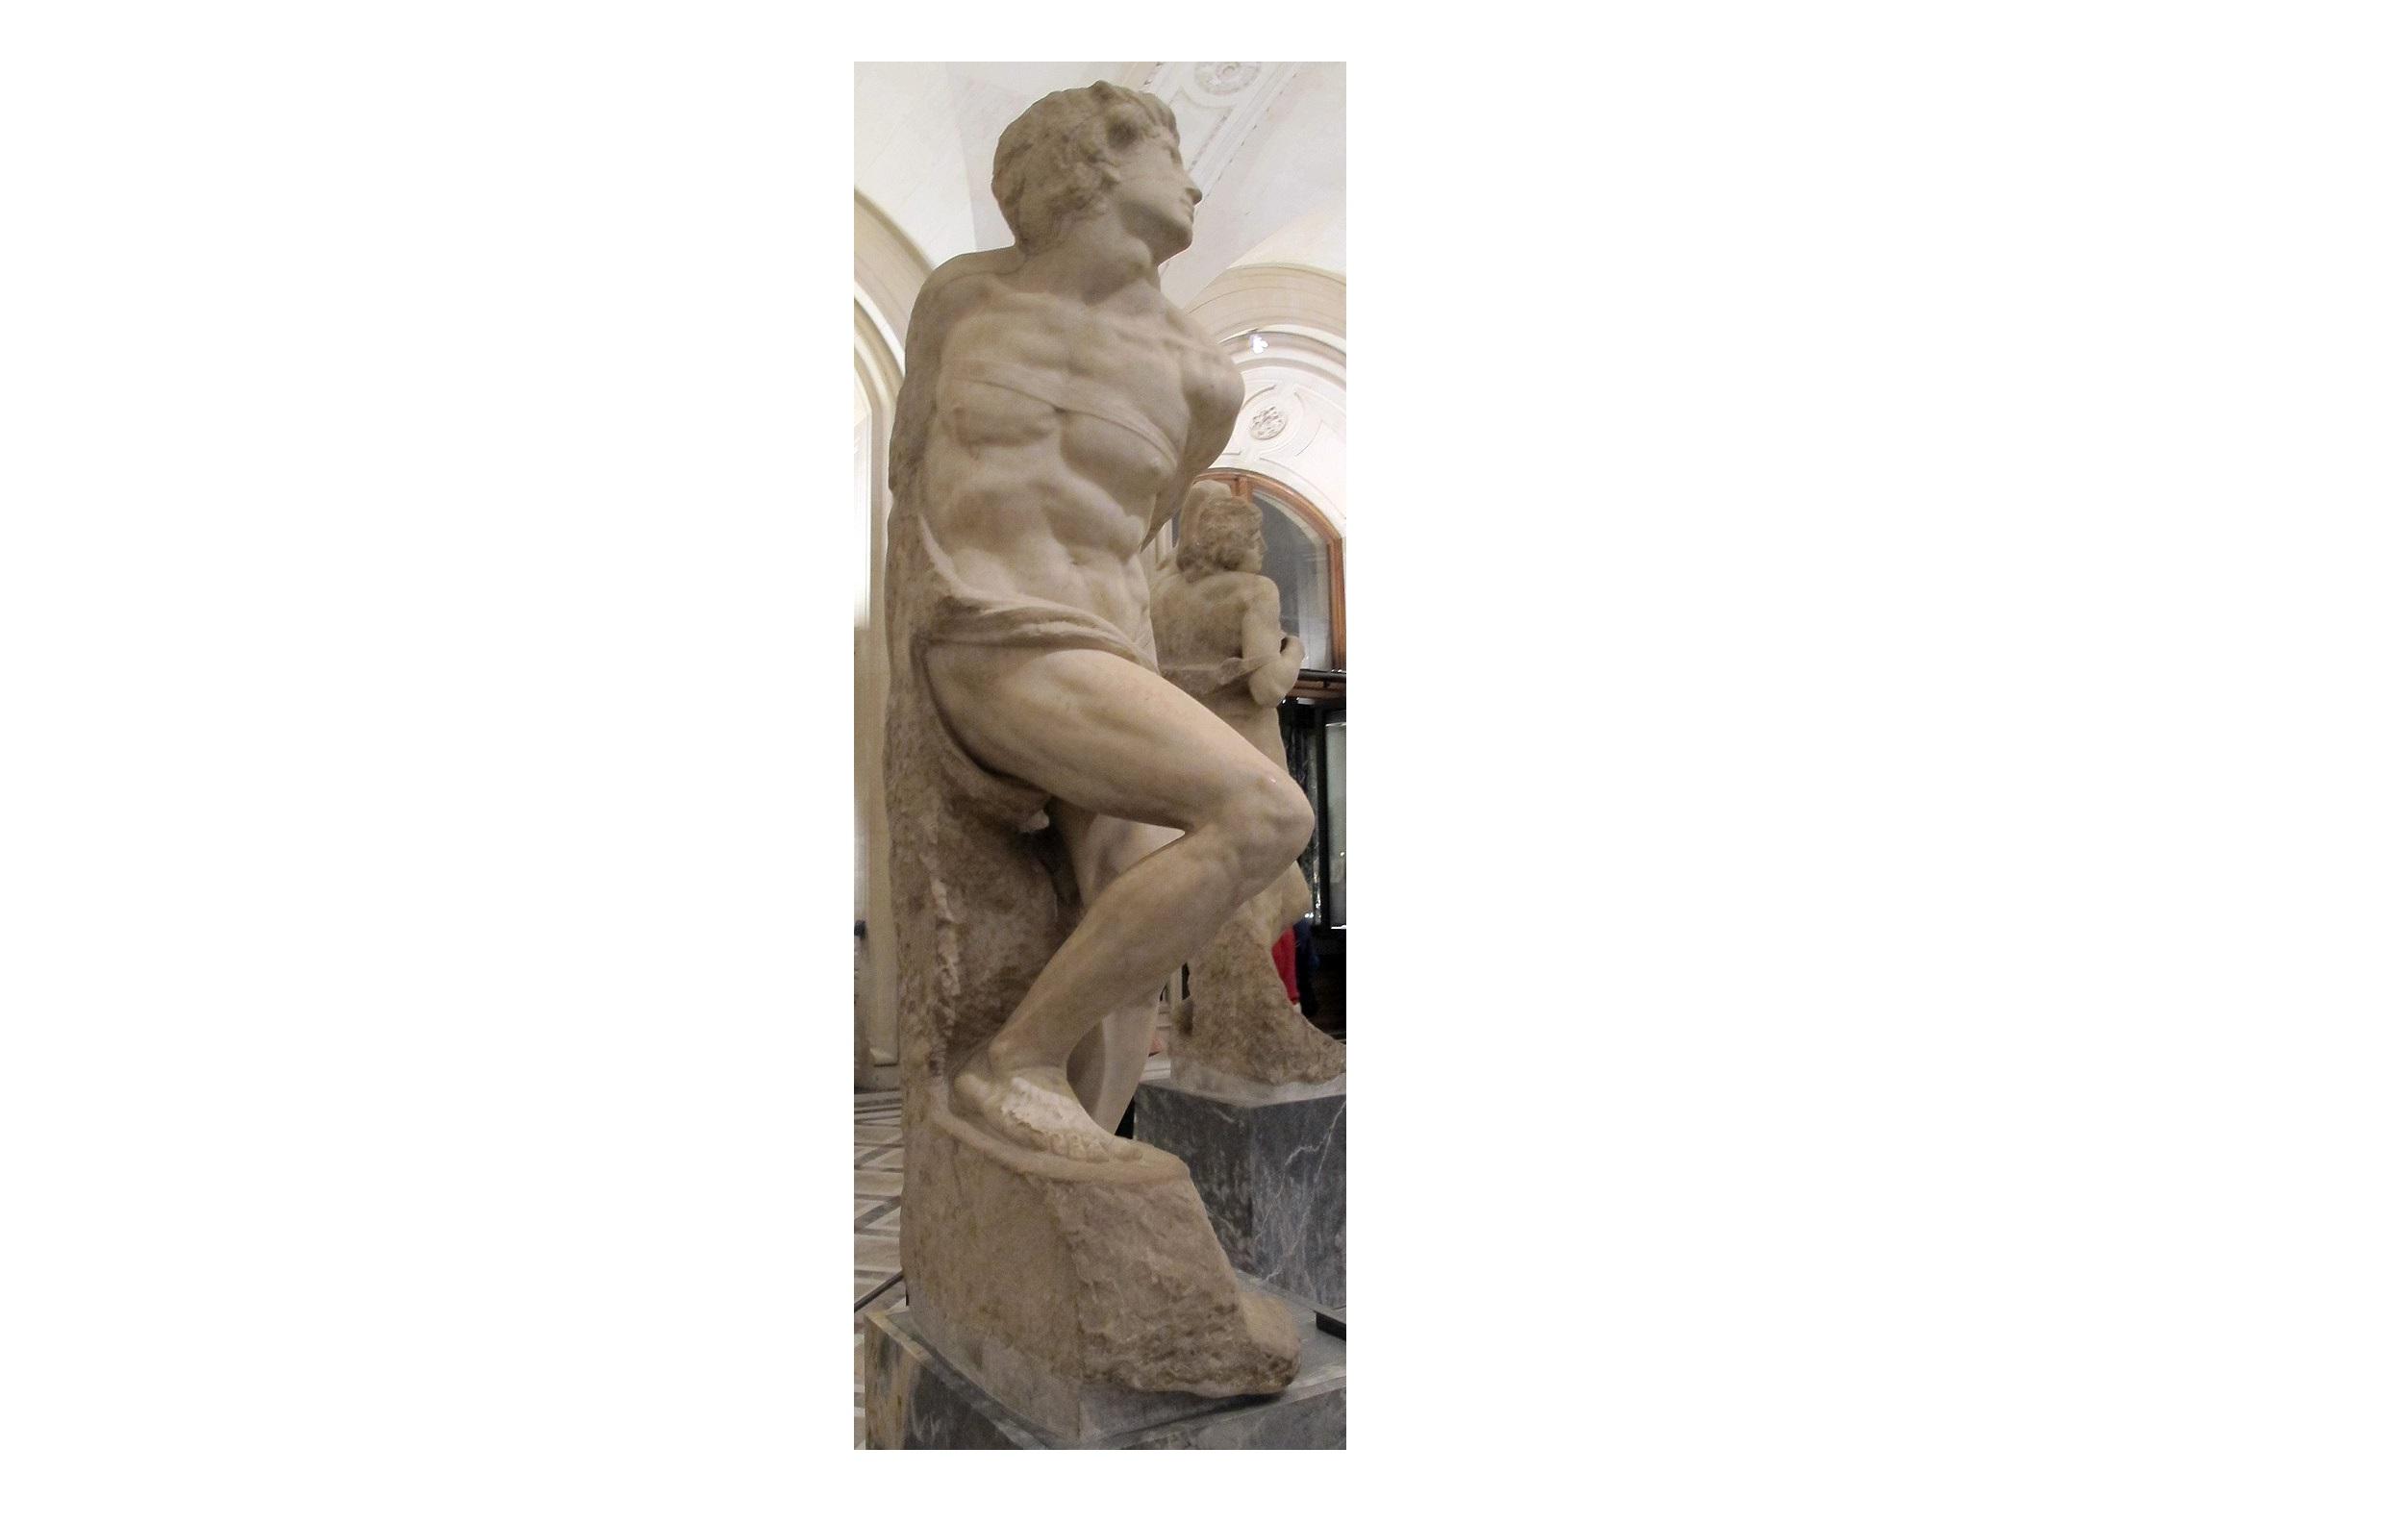 L'esclave rebelle de Michel-Ange, une métaphore de la sculpture